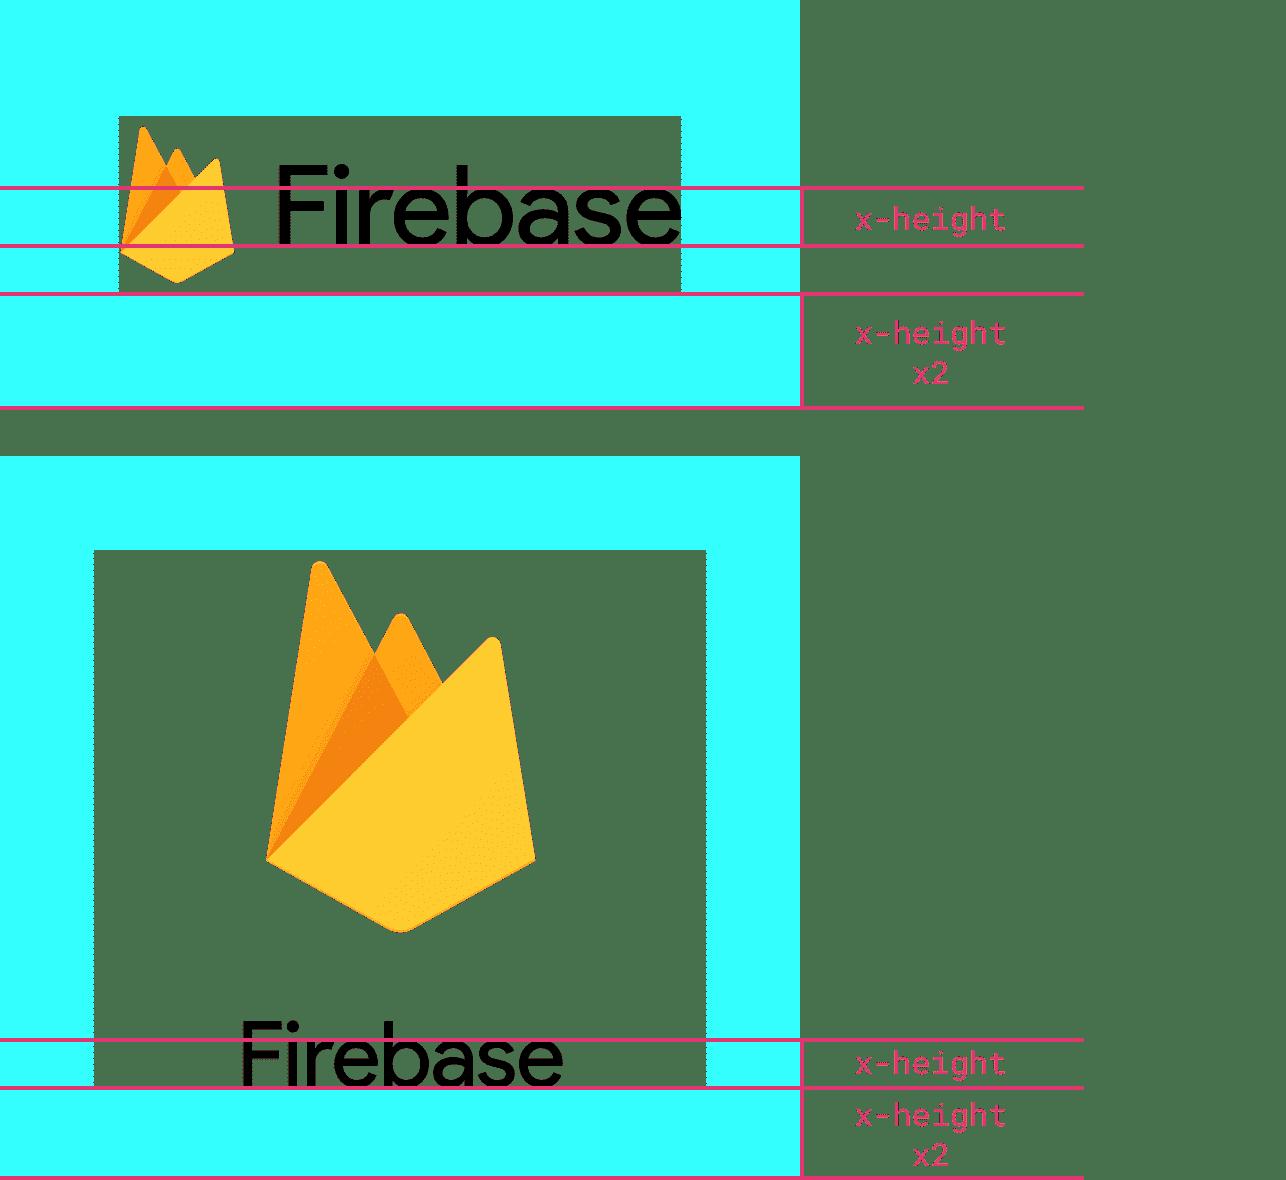 Esempi di logo Firebase con almeno il doppio dell'altezza del logo